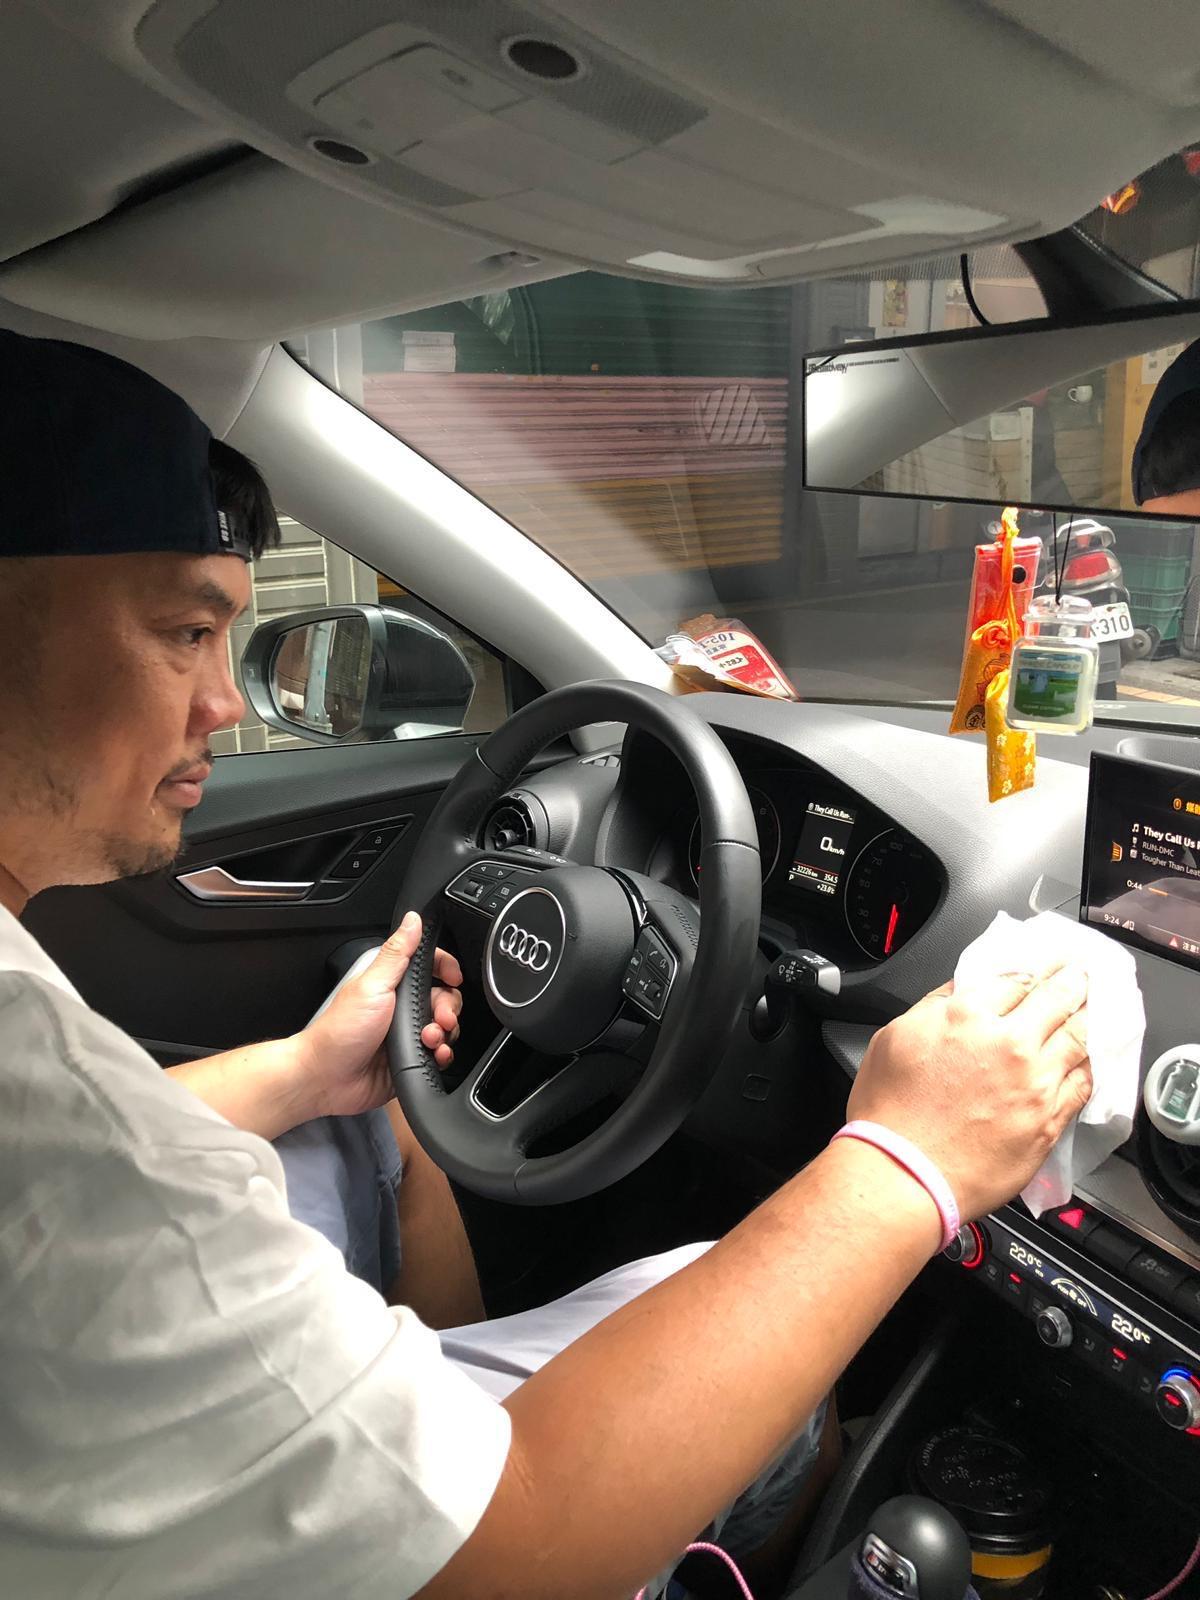 ▲張皓明愛車,車內一定保持清潔,甚至不准家人在車內吃東西。